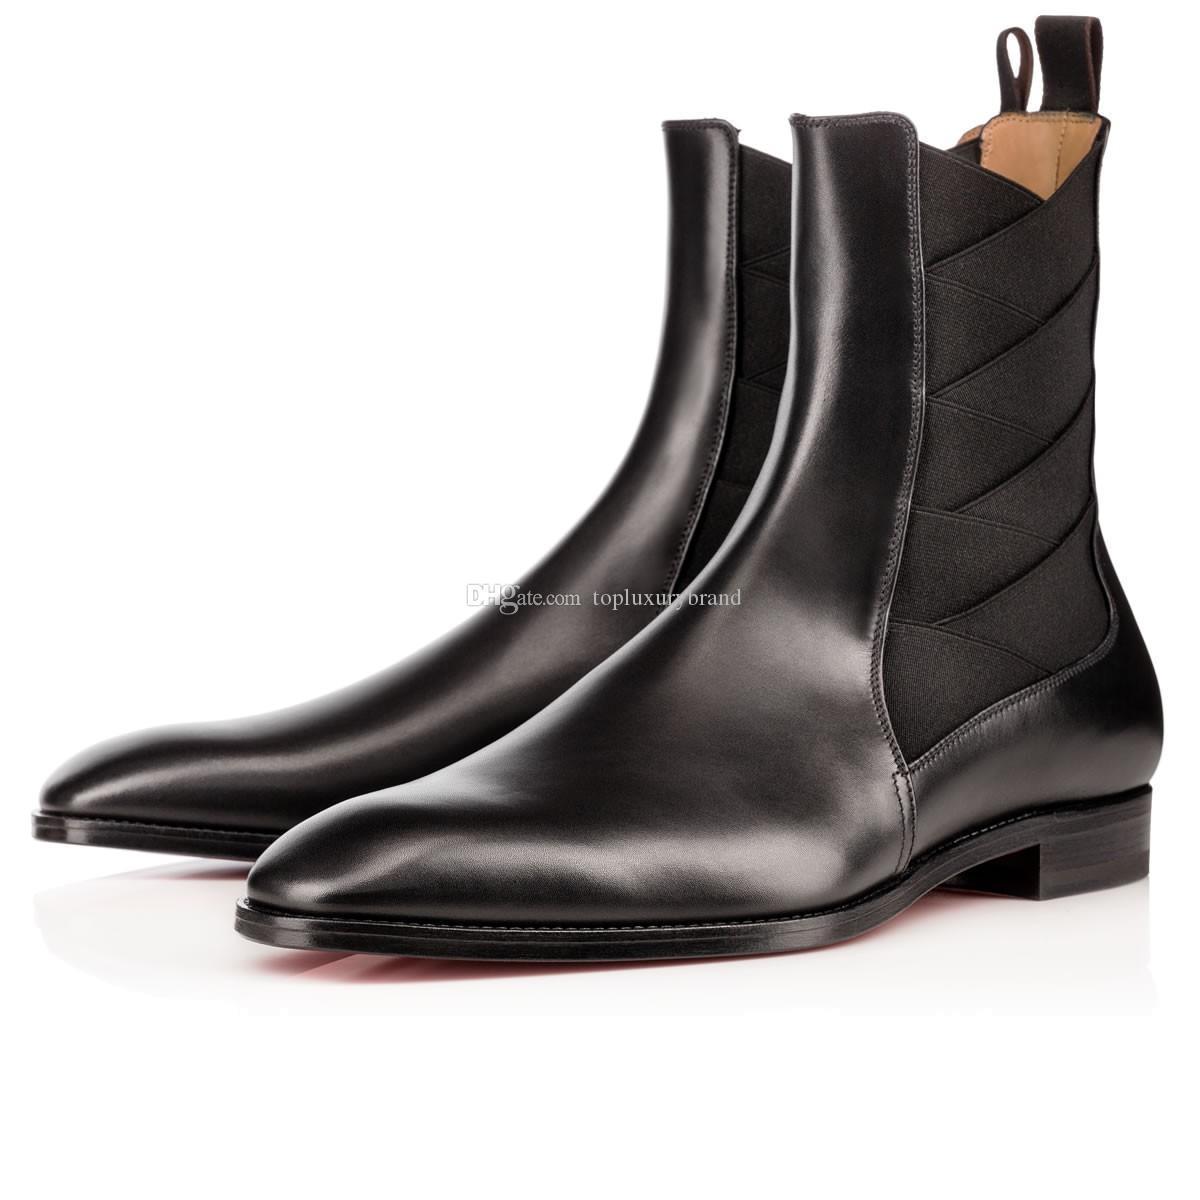 Couro Super Marca de Qualidade Red inferior Bota brians Cavaleiro botas dos homens Designers + Elastic Flats sapatos de couro cavalheiro casamento Parte